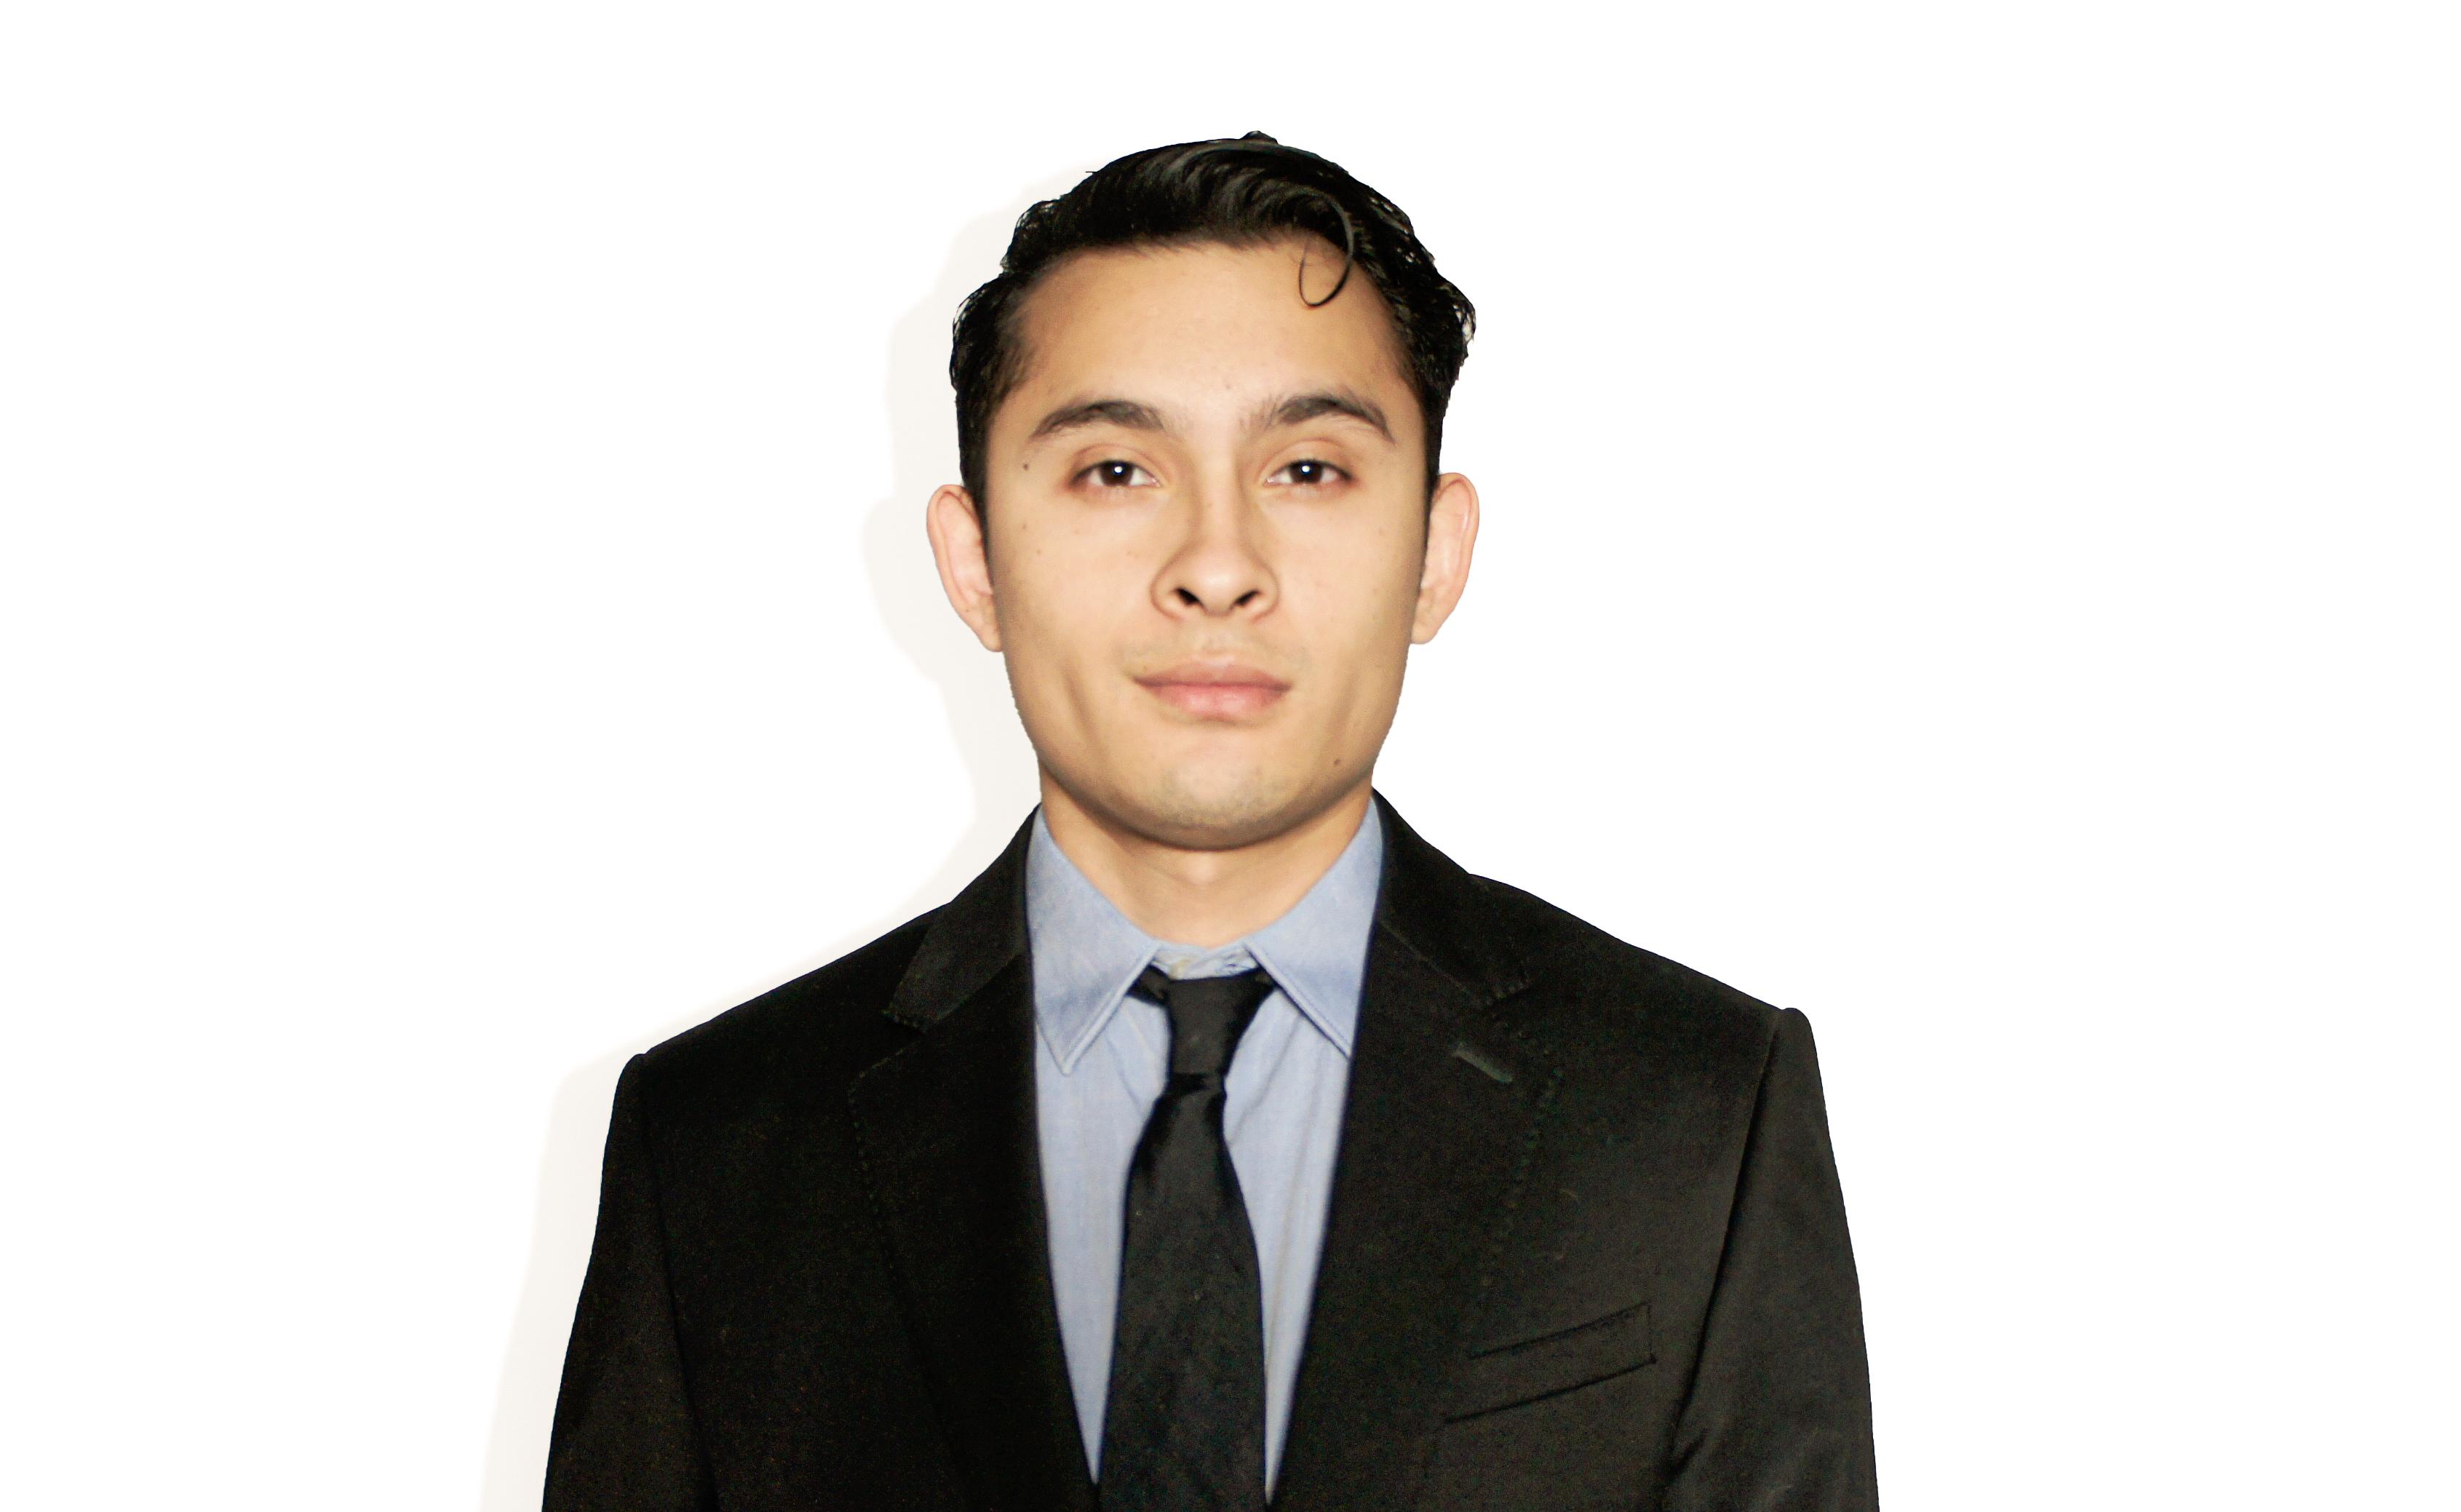 Picture of Julian Castro